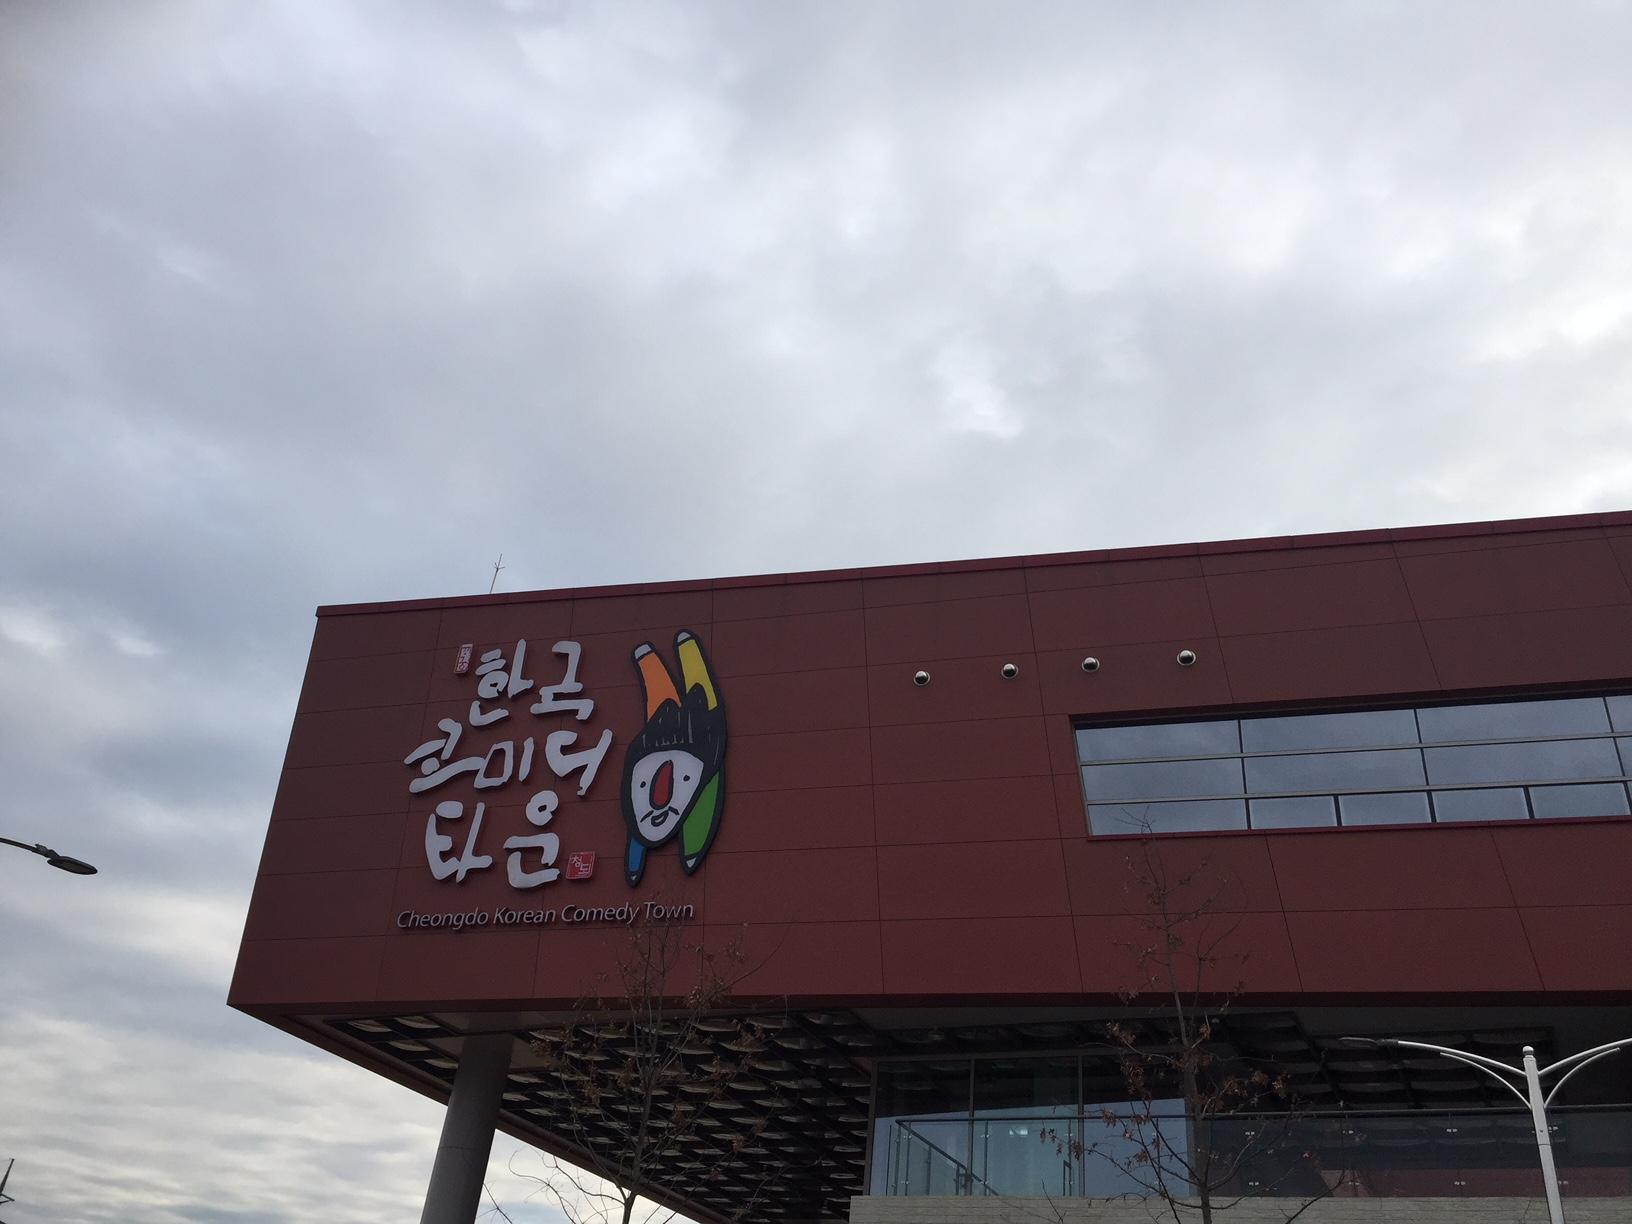 (체험) 2018.01.07 청도 한국코미디타운